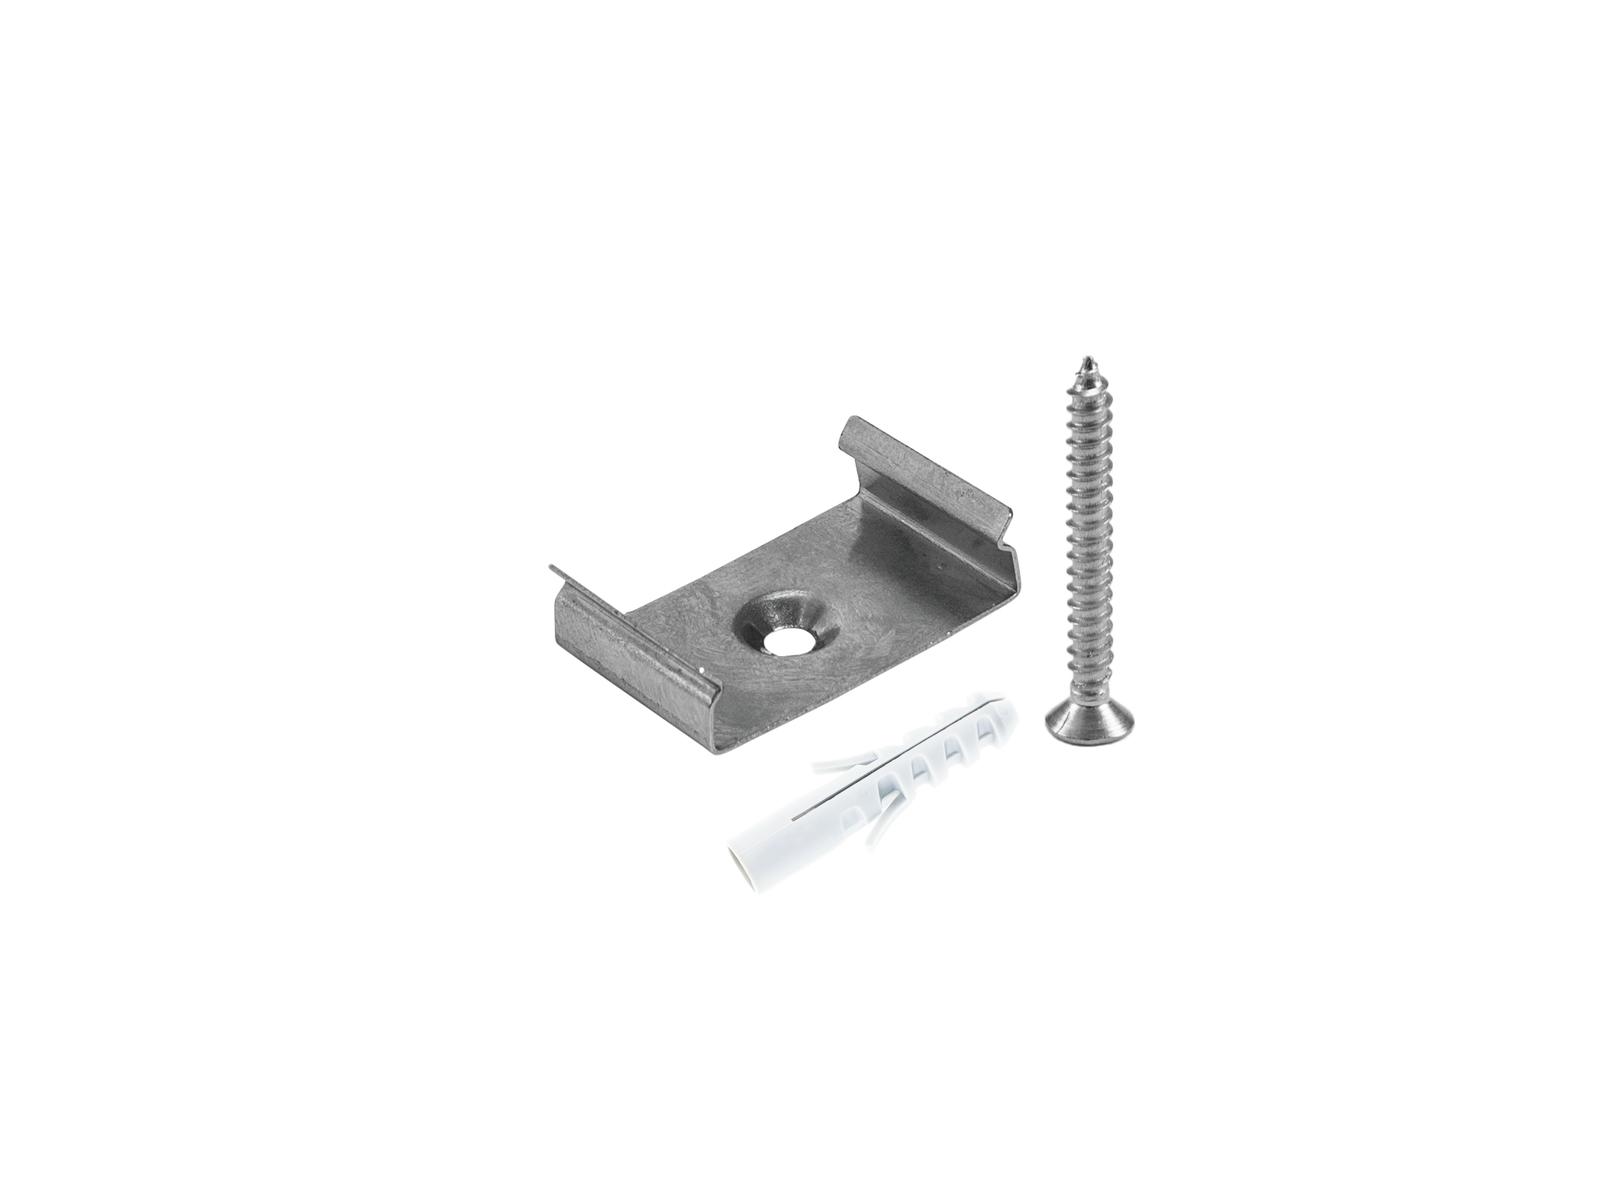 EUROLITE Halterung für U-Profil 20mm Metall